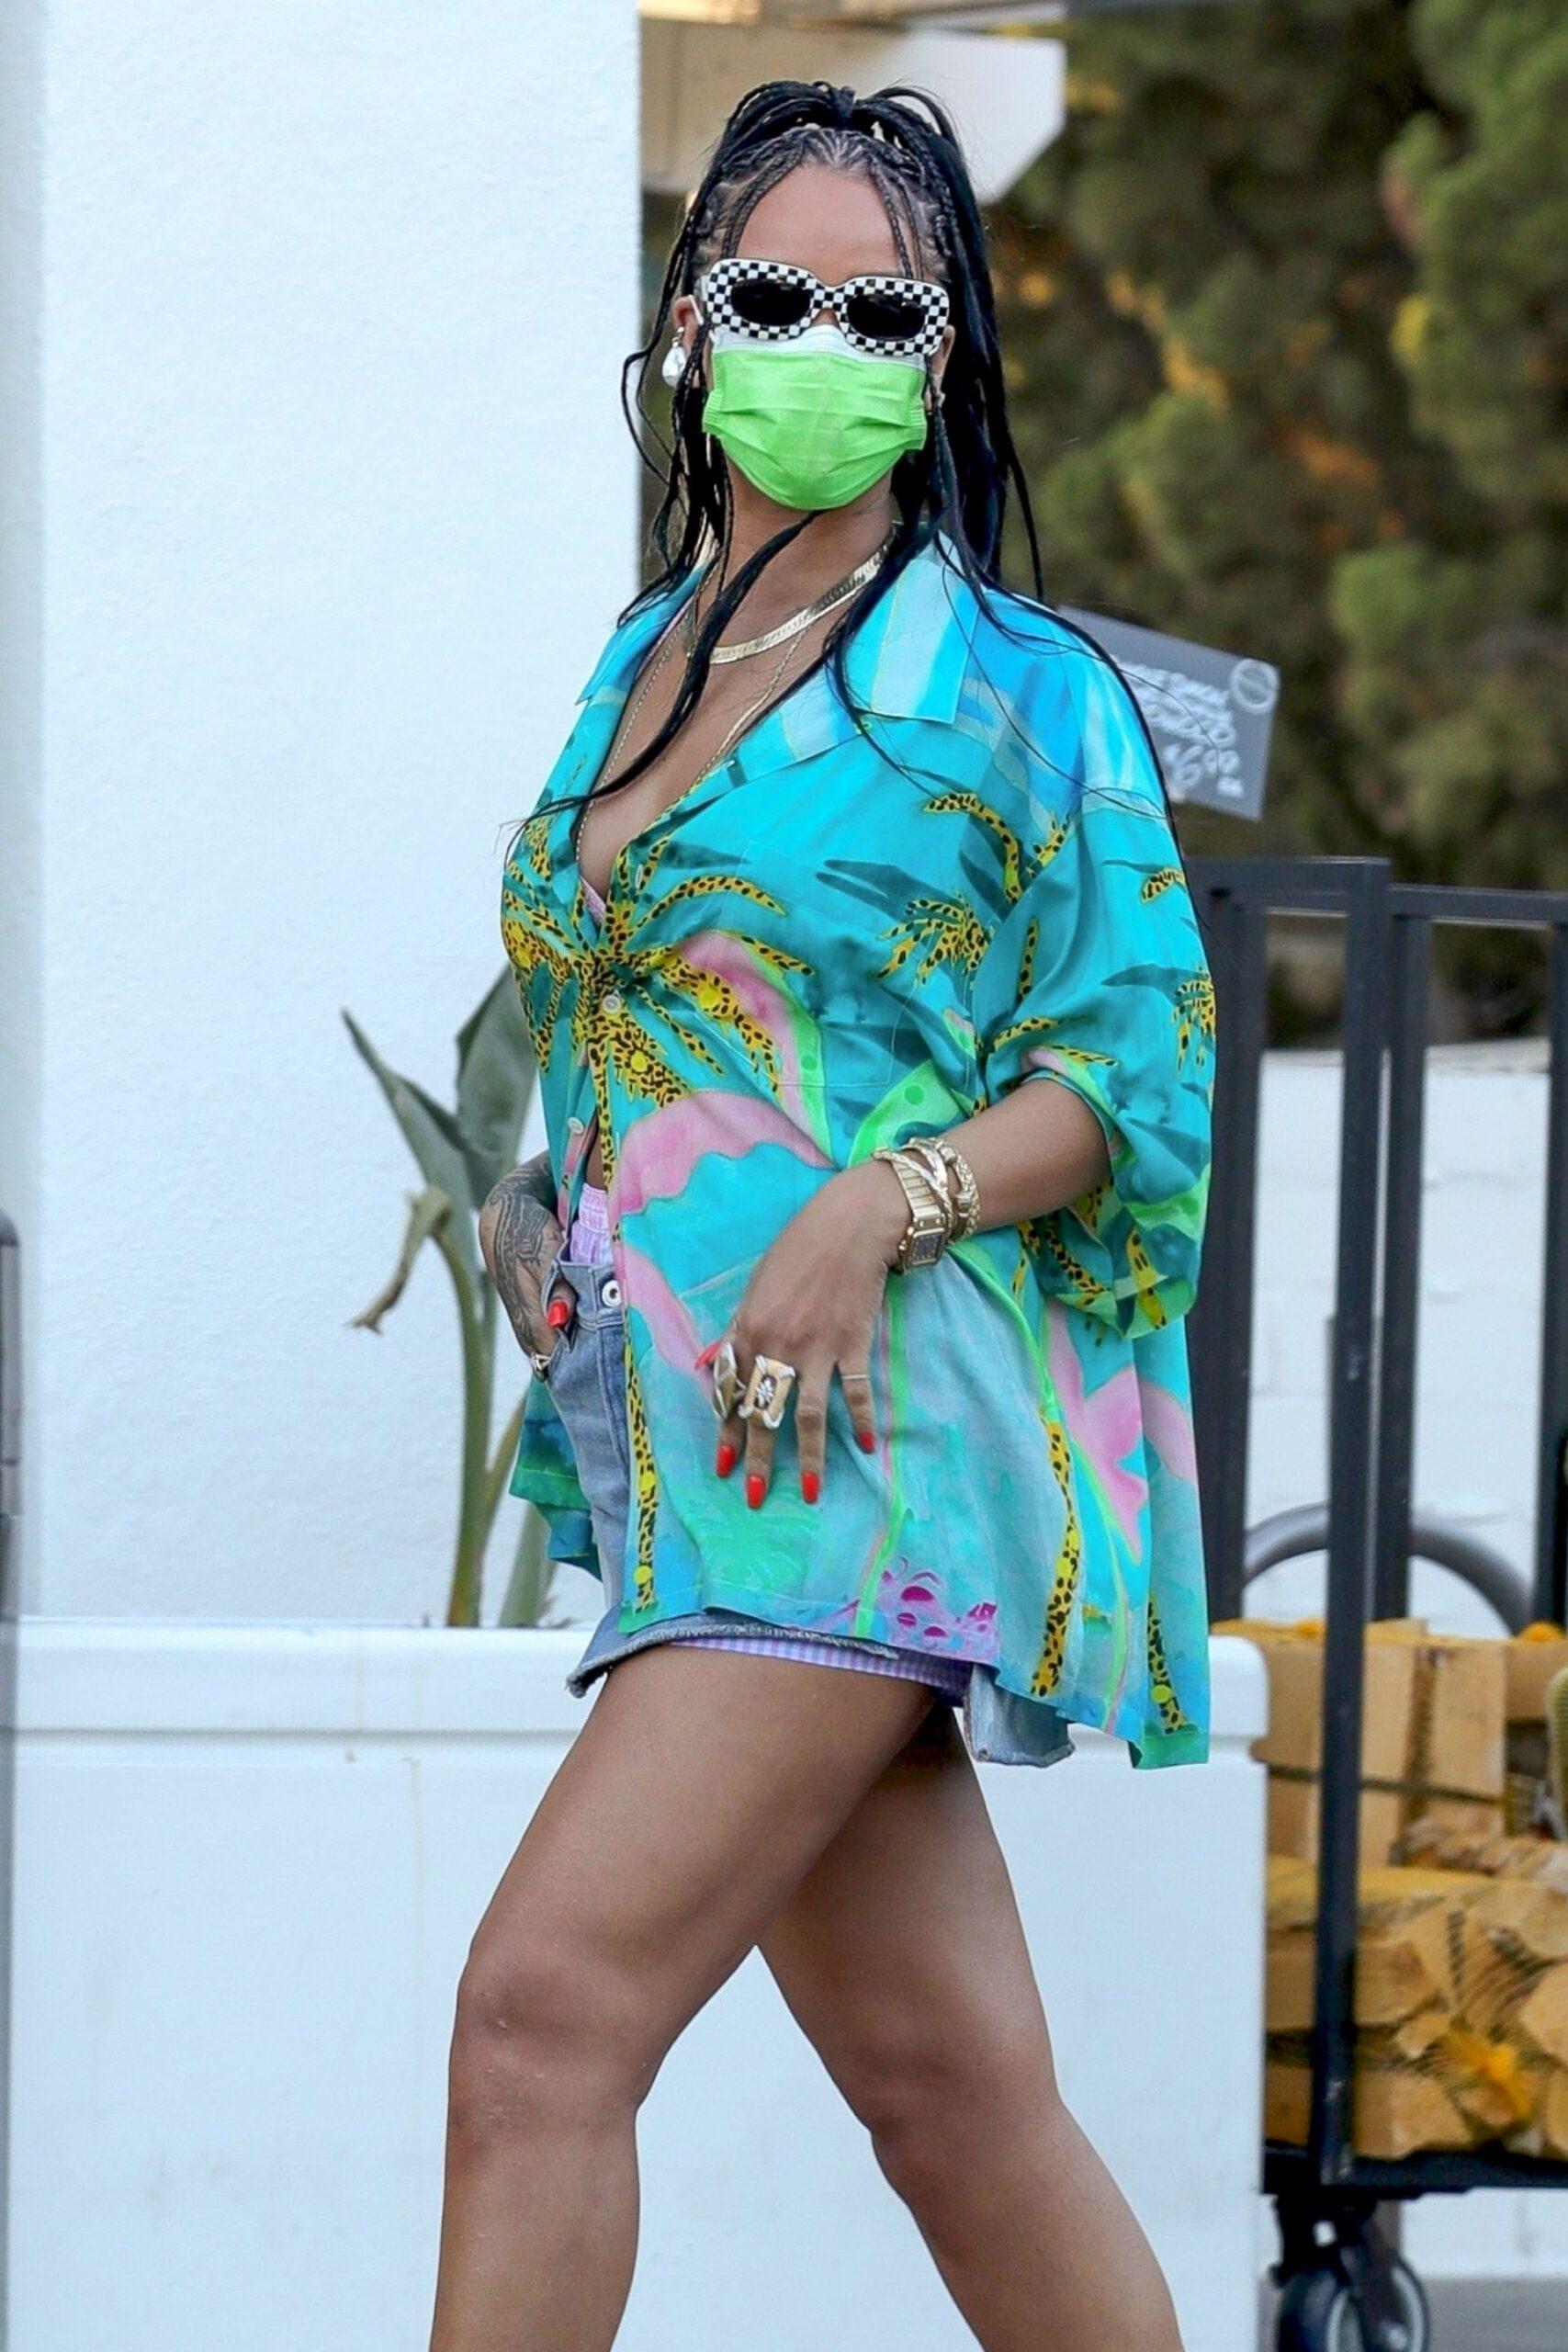 Rihanna Leggy In Mini Skirt